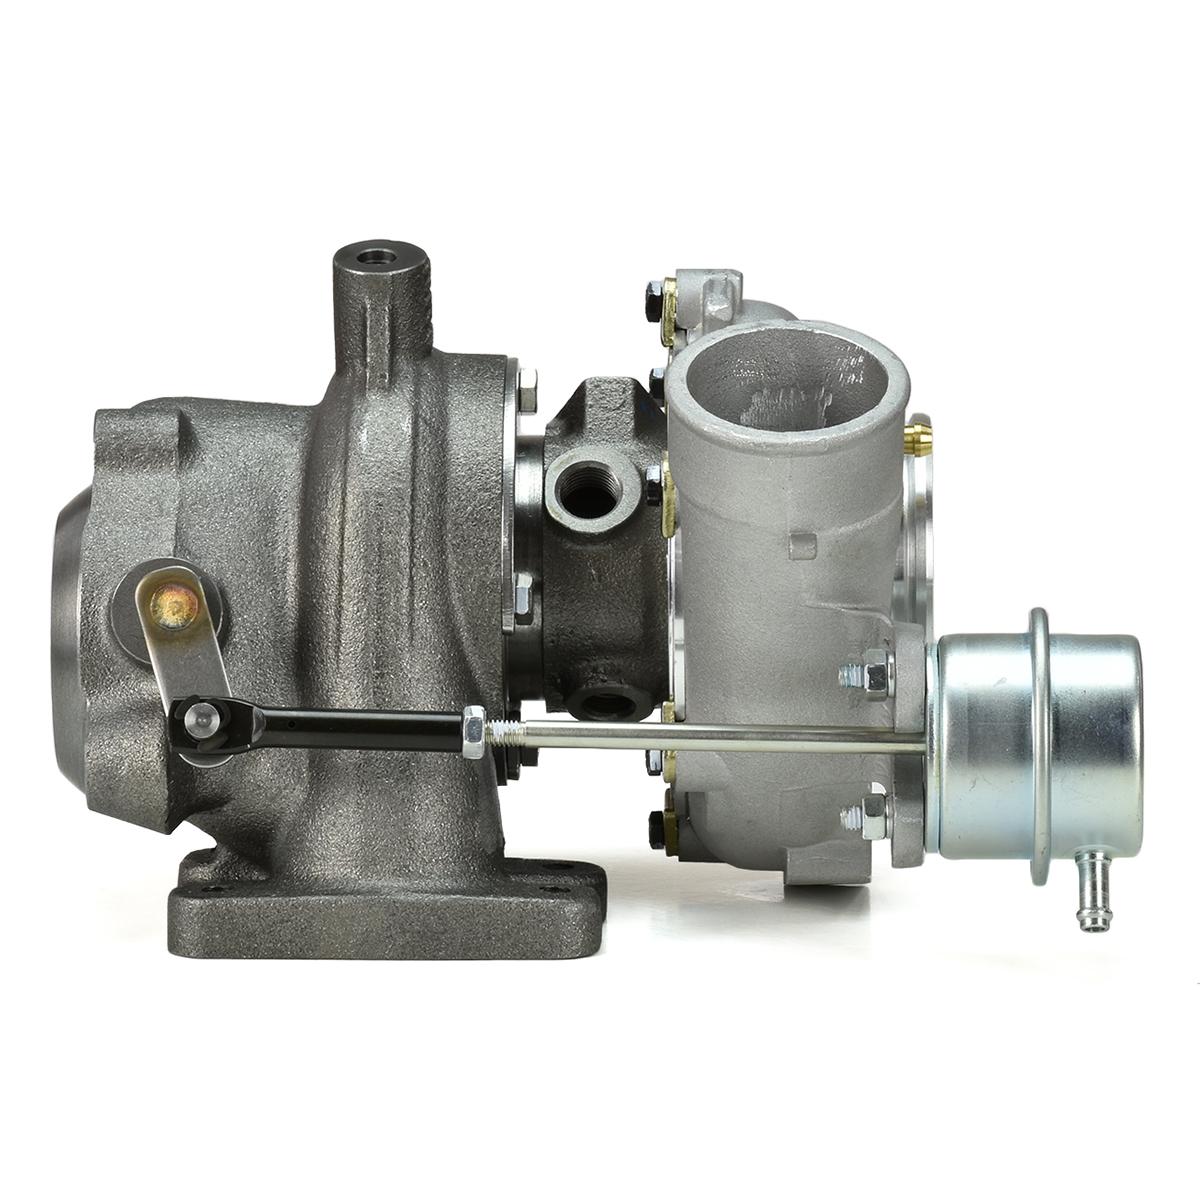 Saab 9-3 2 0 Turbo New Delphi Diesel Turbocharger HNX112